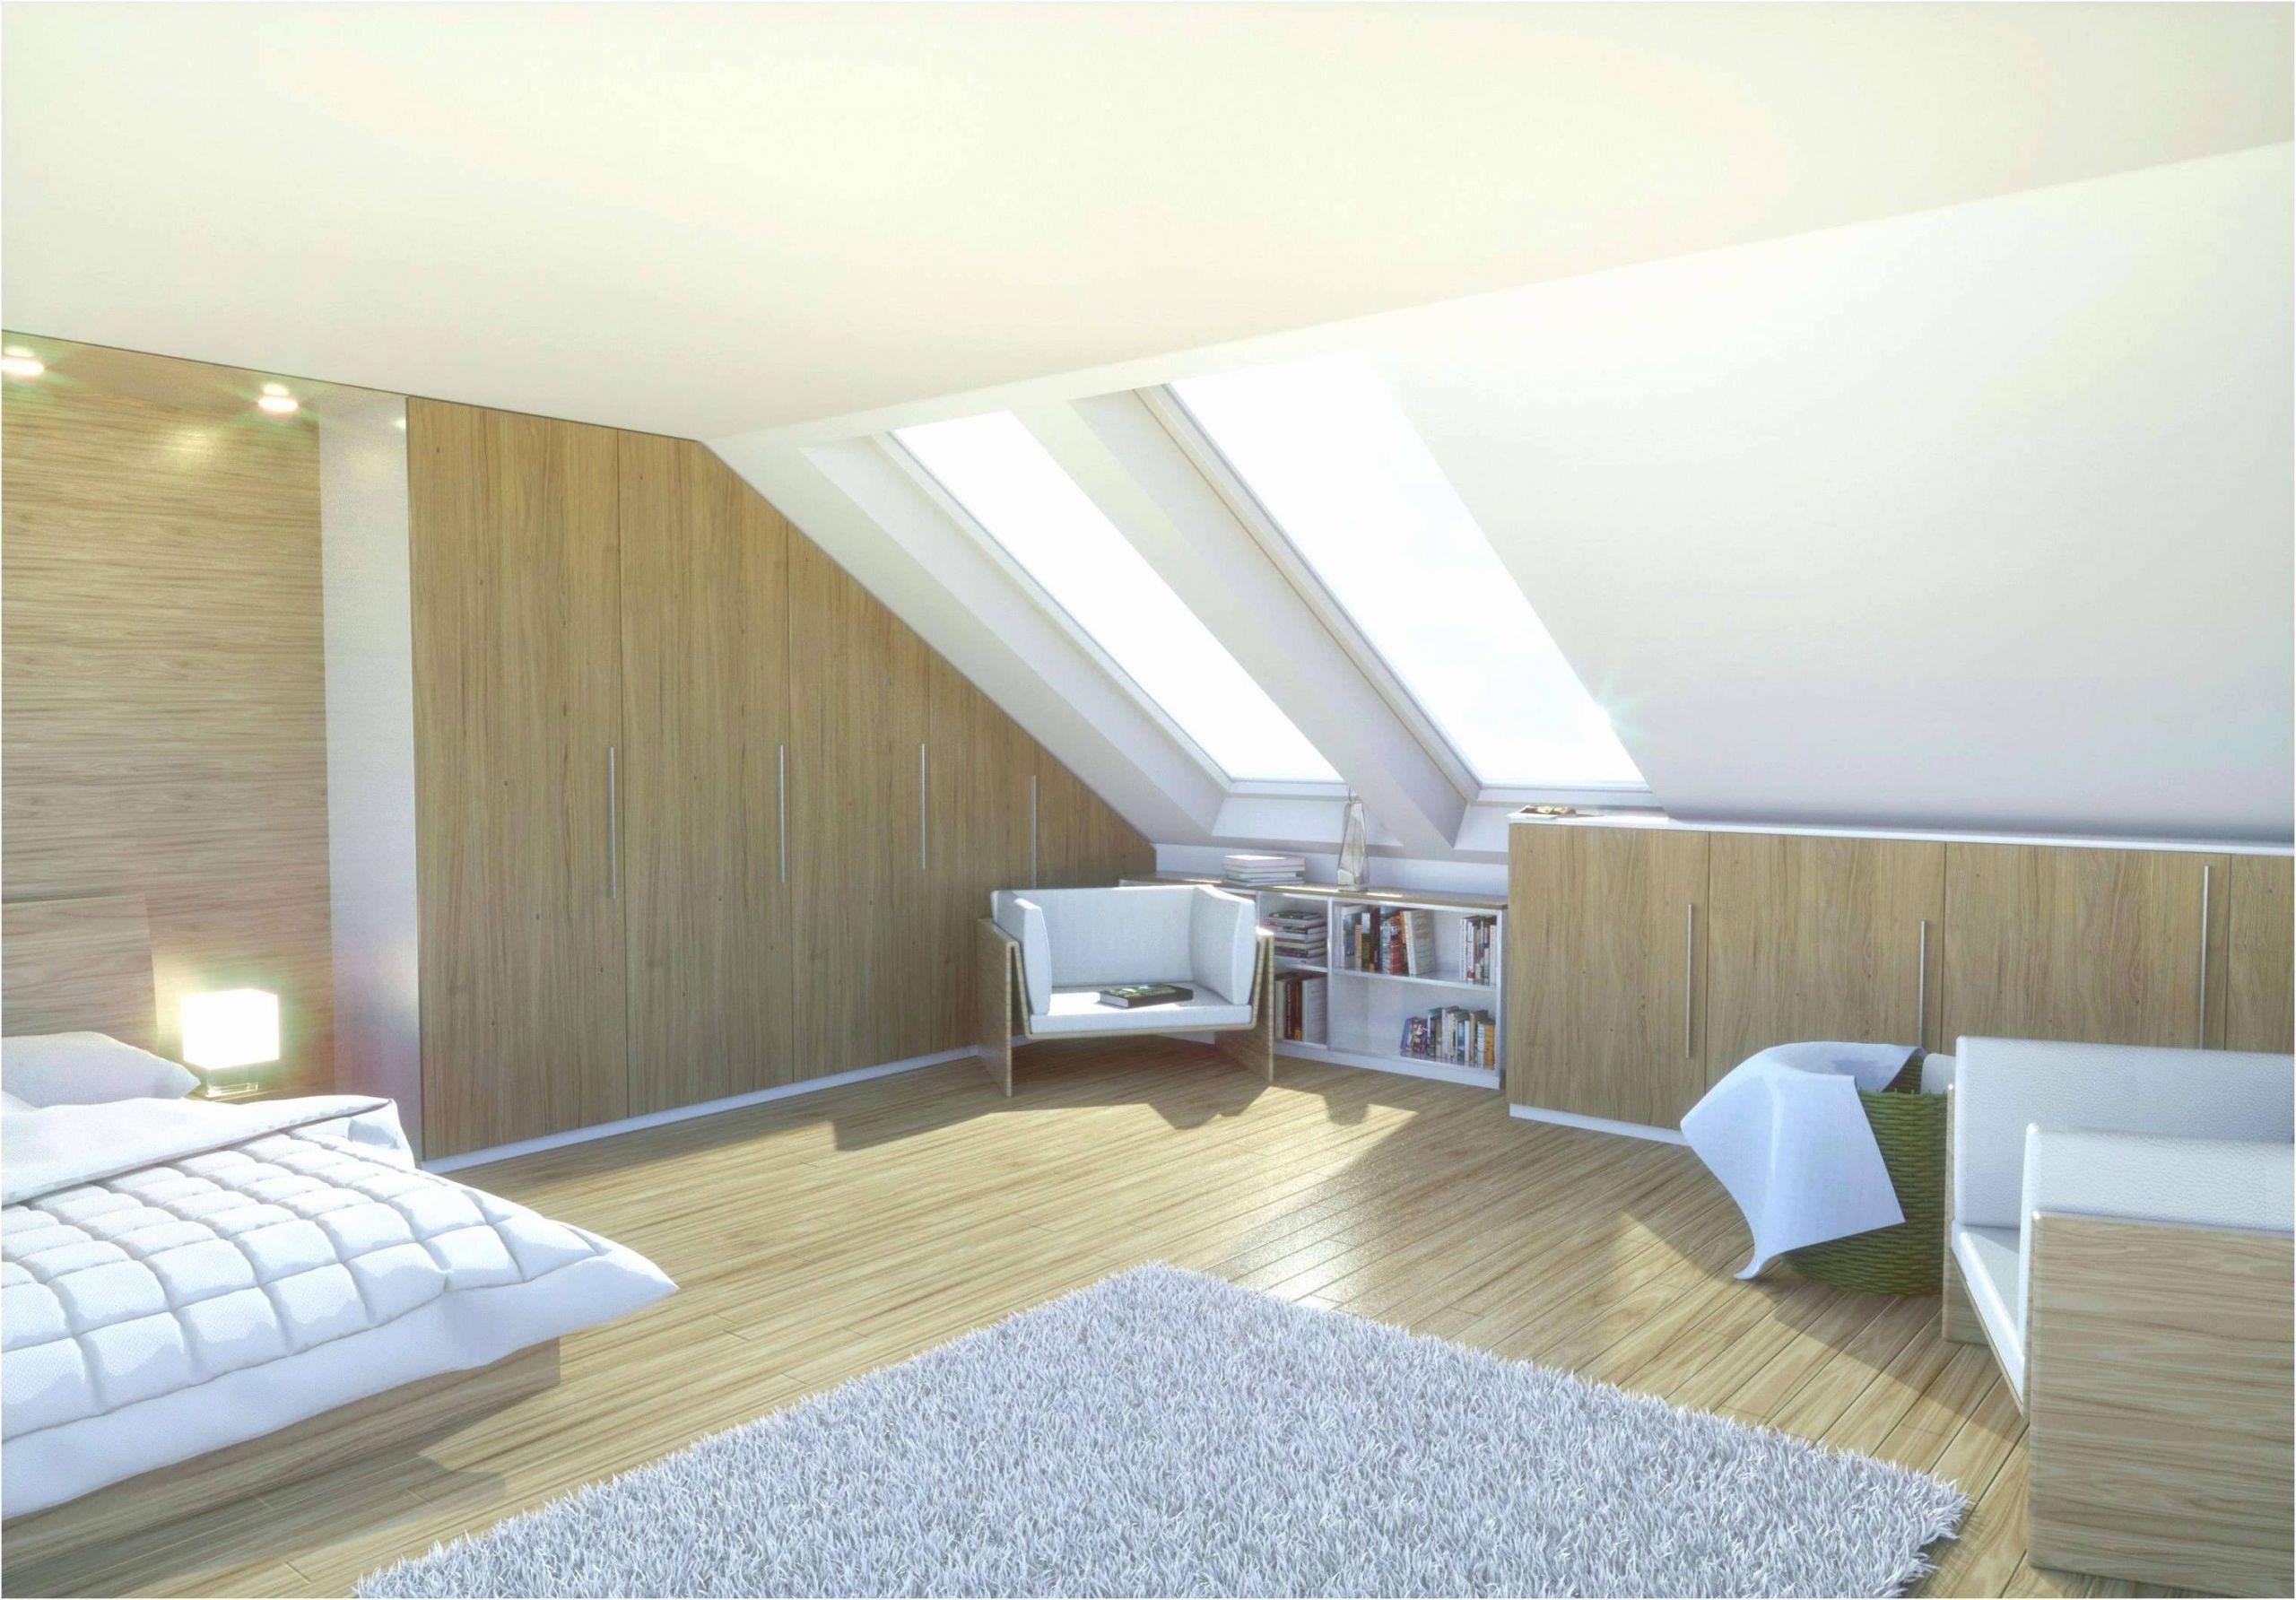 Deko Ideen Für Garten Frisch Inspirierend Deko Ideen Für Kleines Wohnzimmer Inspirationen